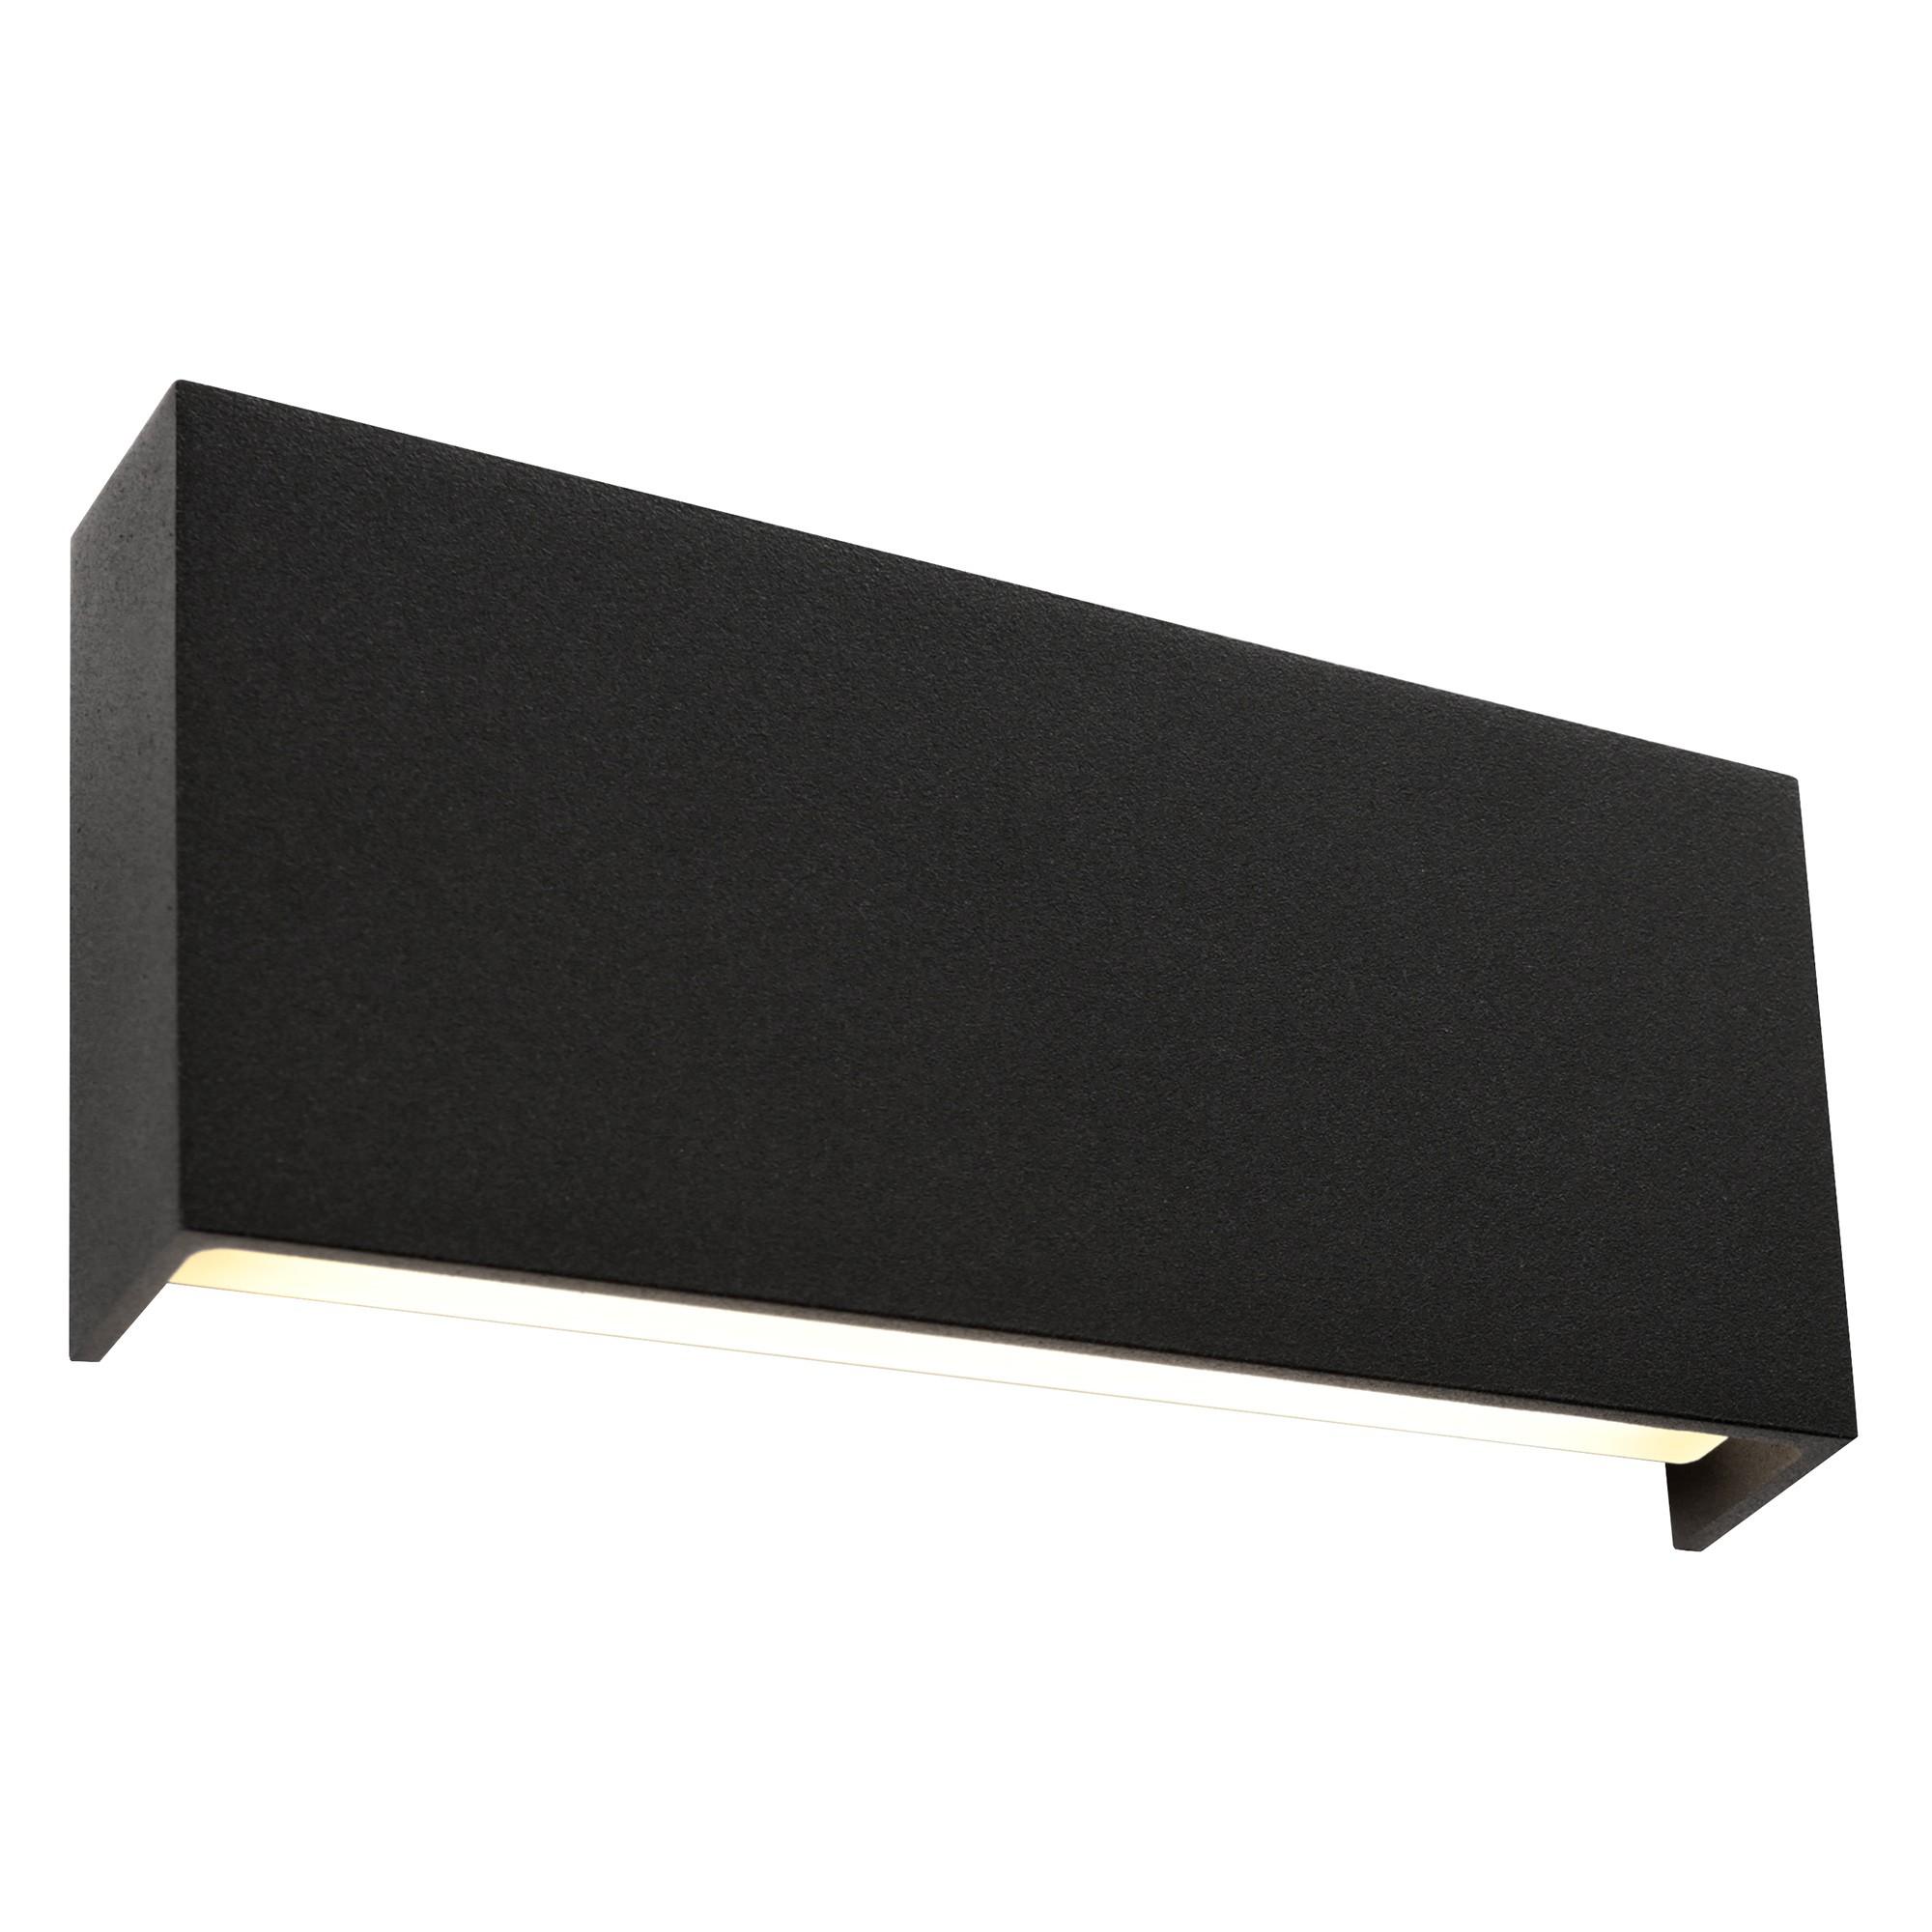 Fargo IP54 Exterior LED Wall Light, Black